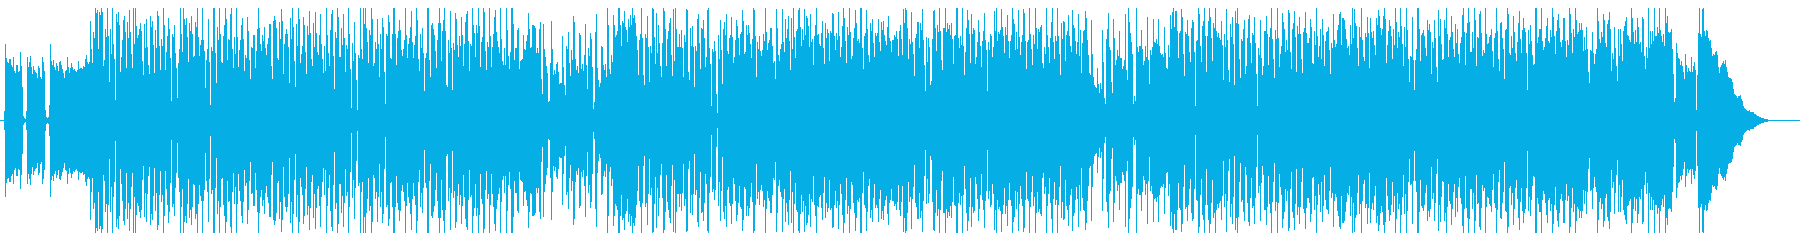 ノリの良いブルースセッションの再生済みの波形